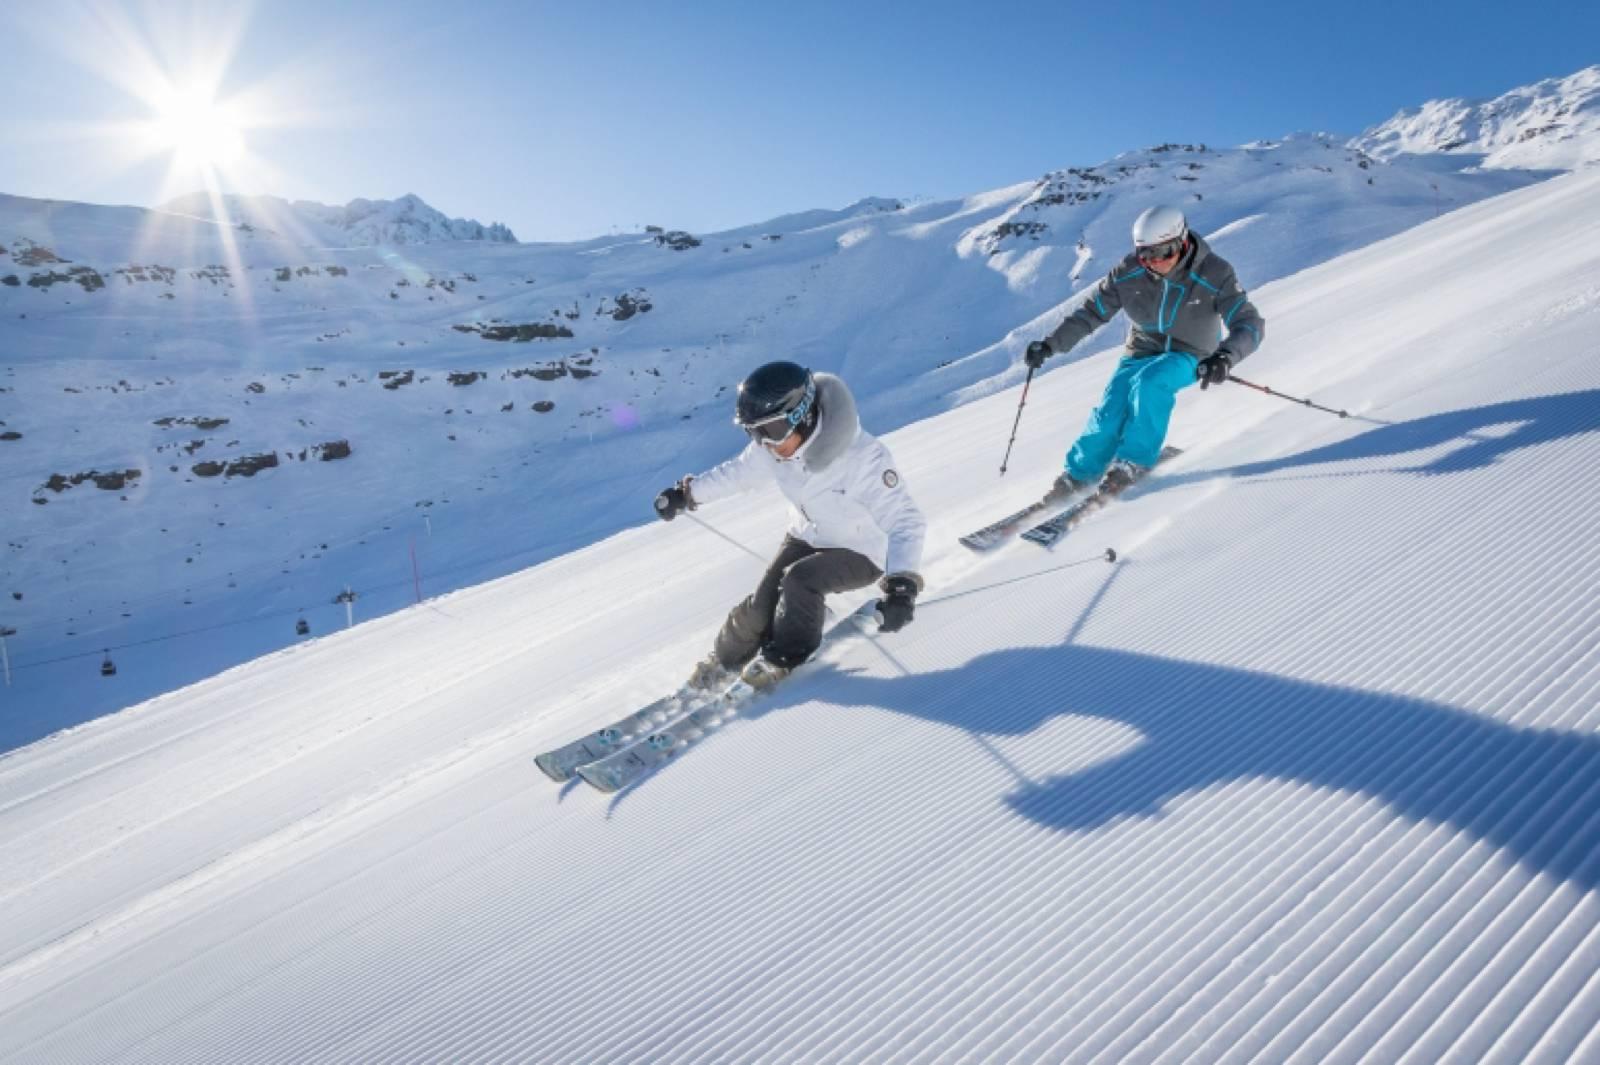 Ταχύτητα λιφτ του σκι